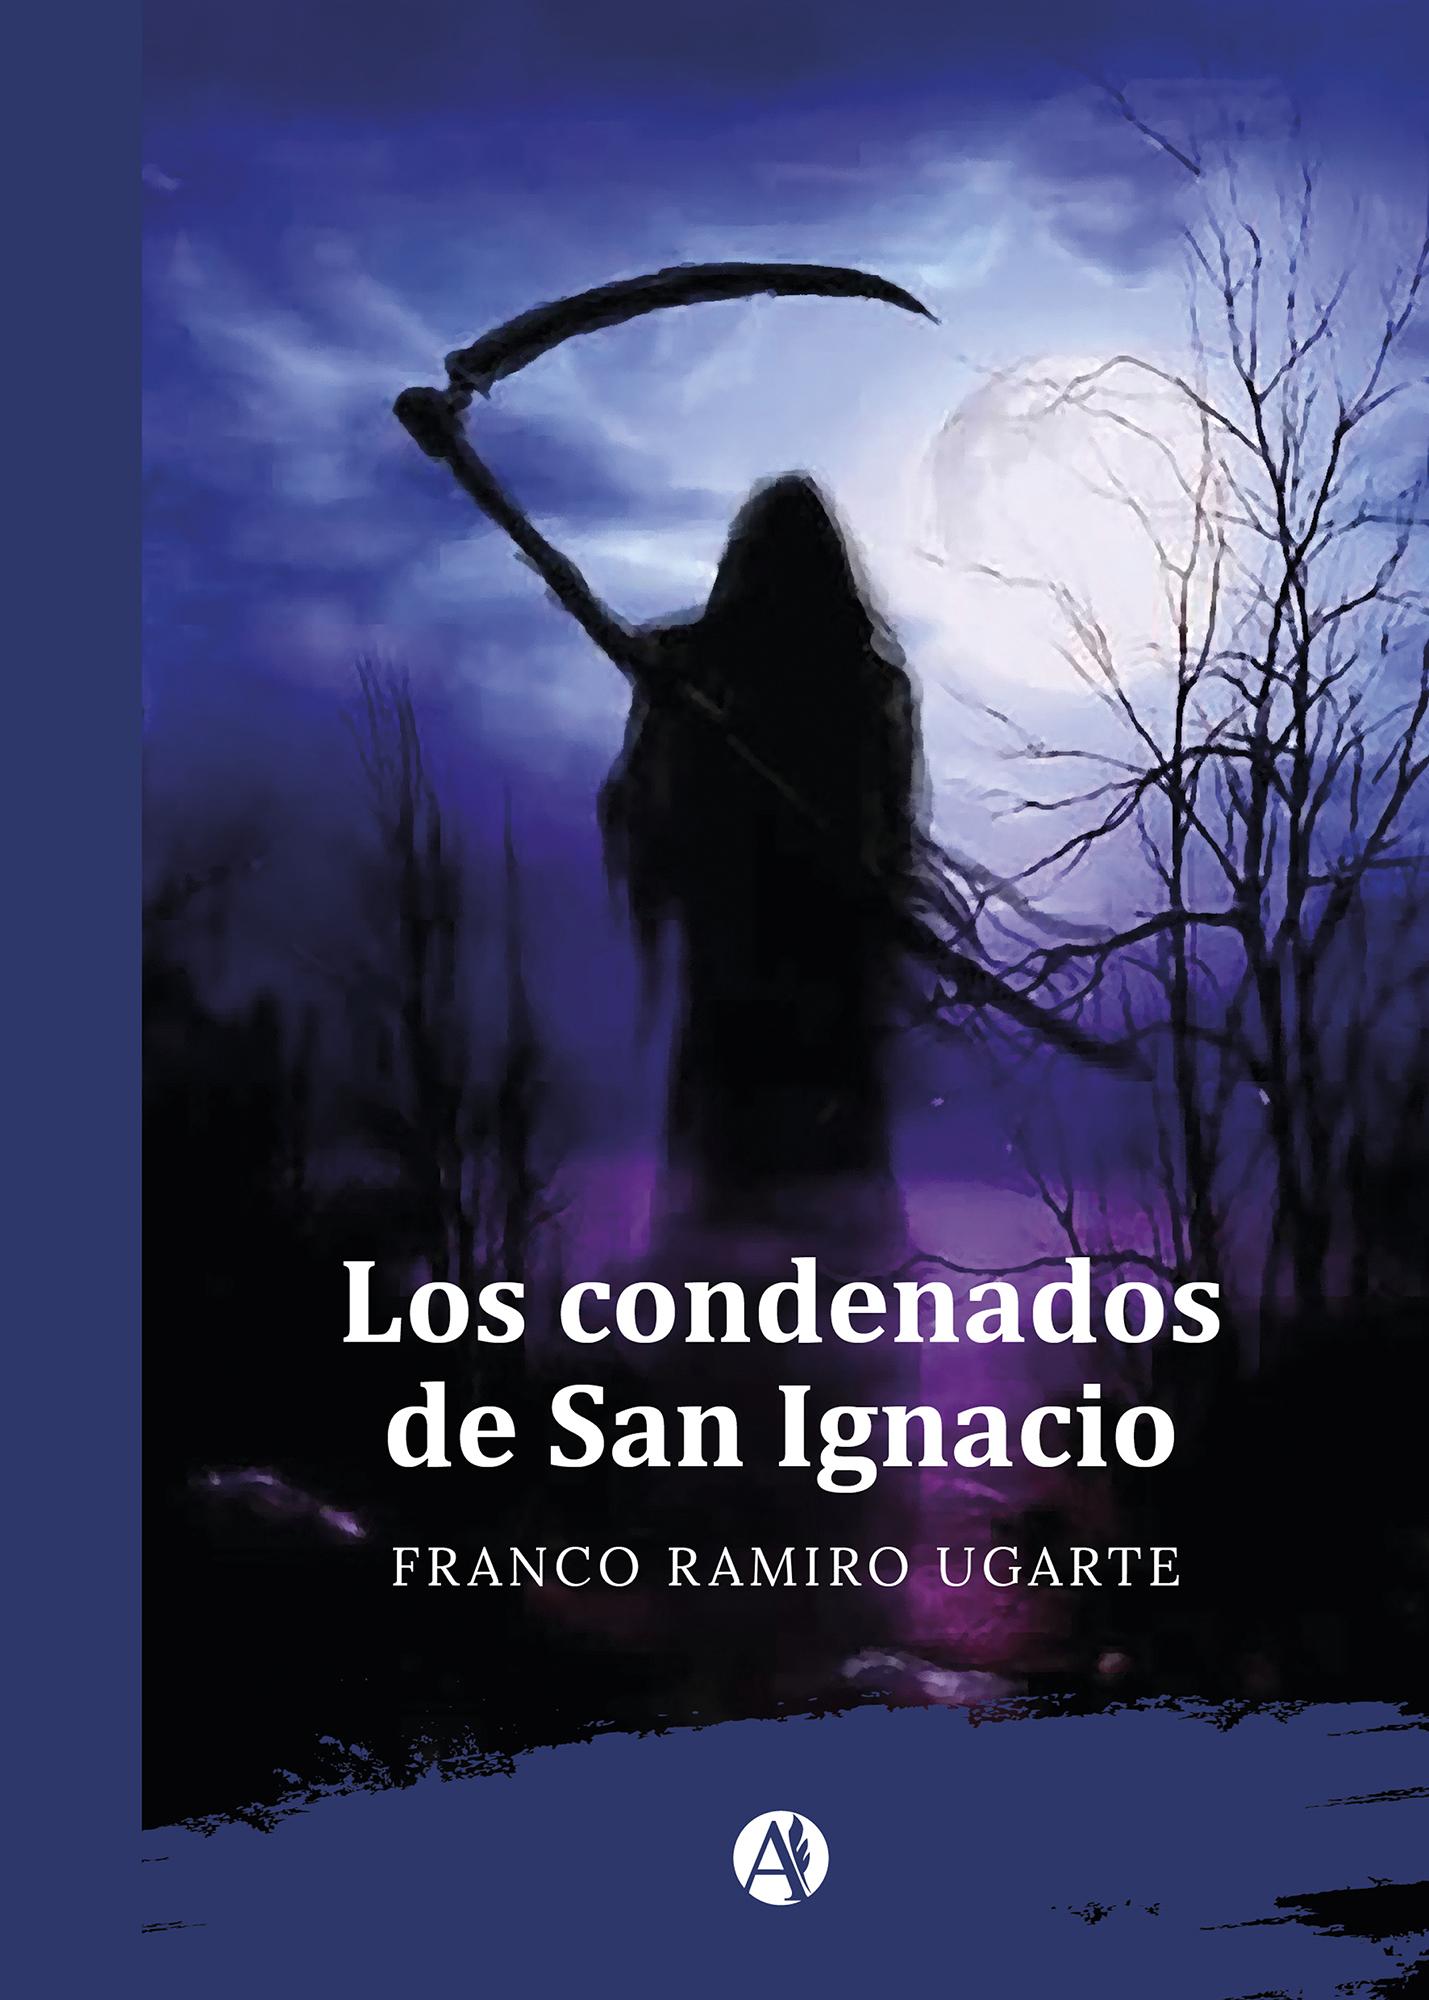 Franco Ramiro Ugarte Los condenados de San Ignacio